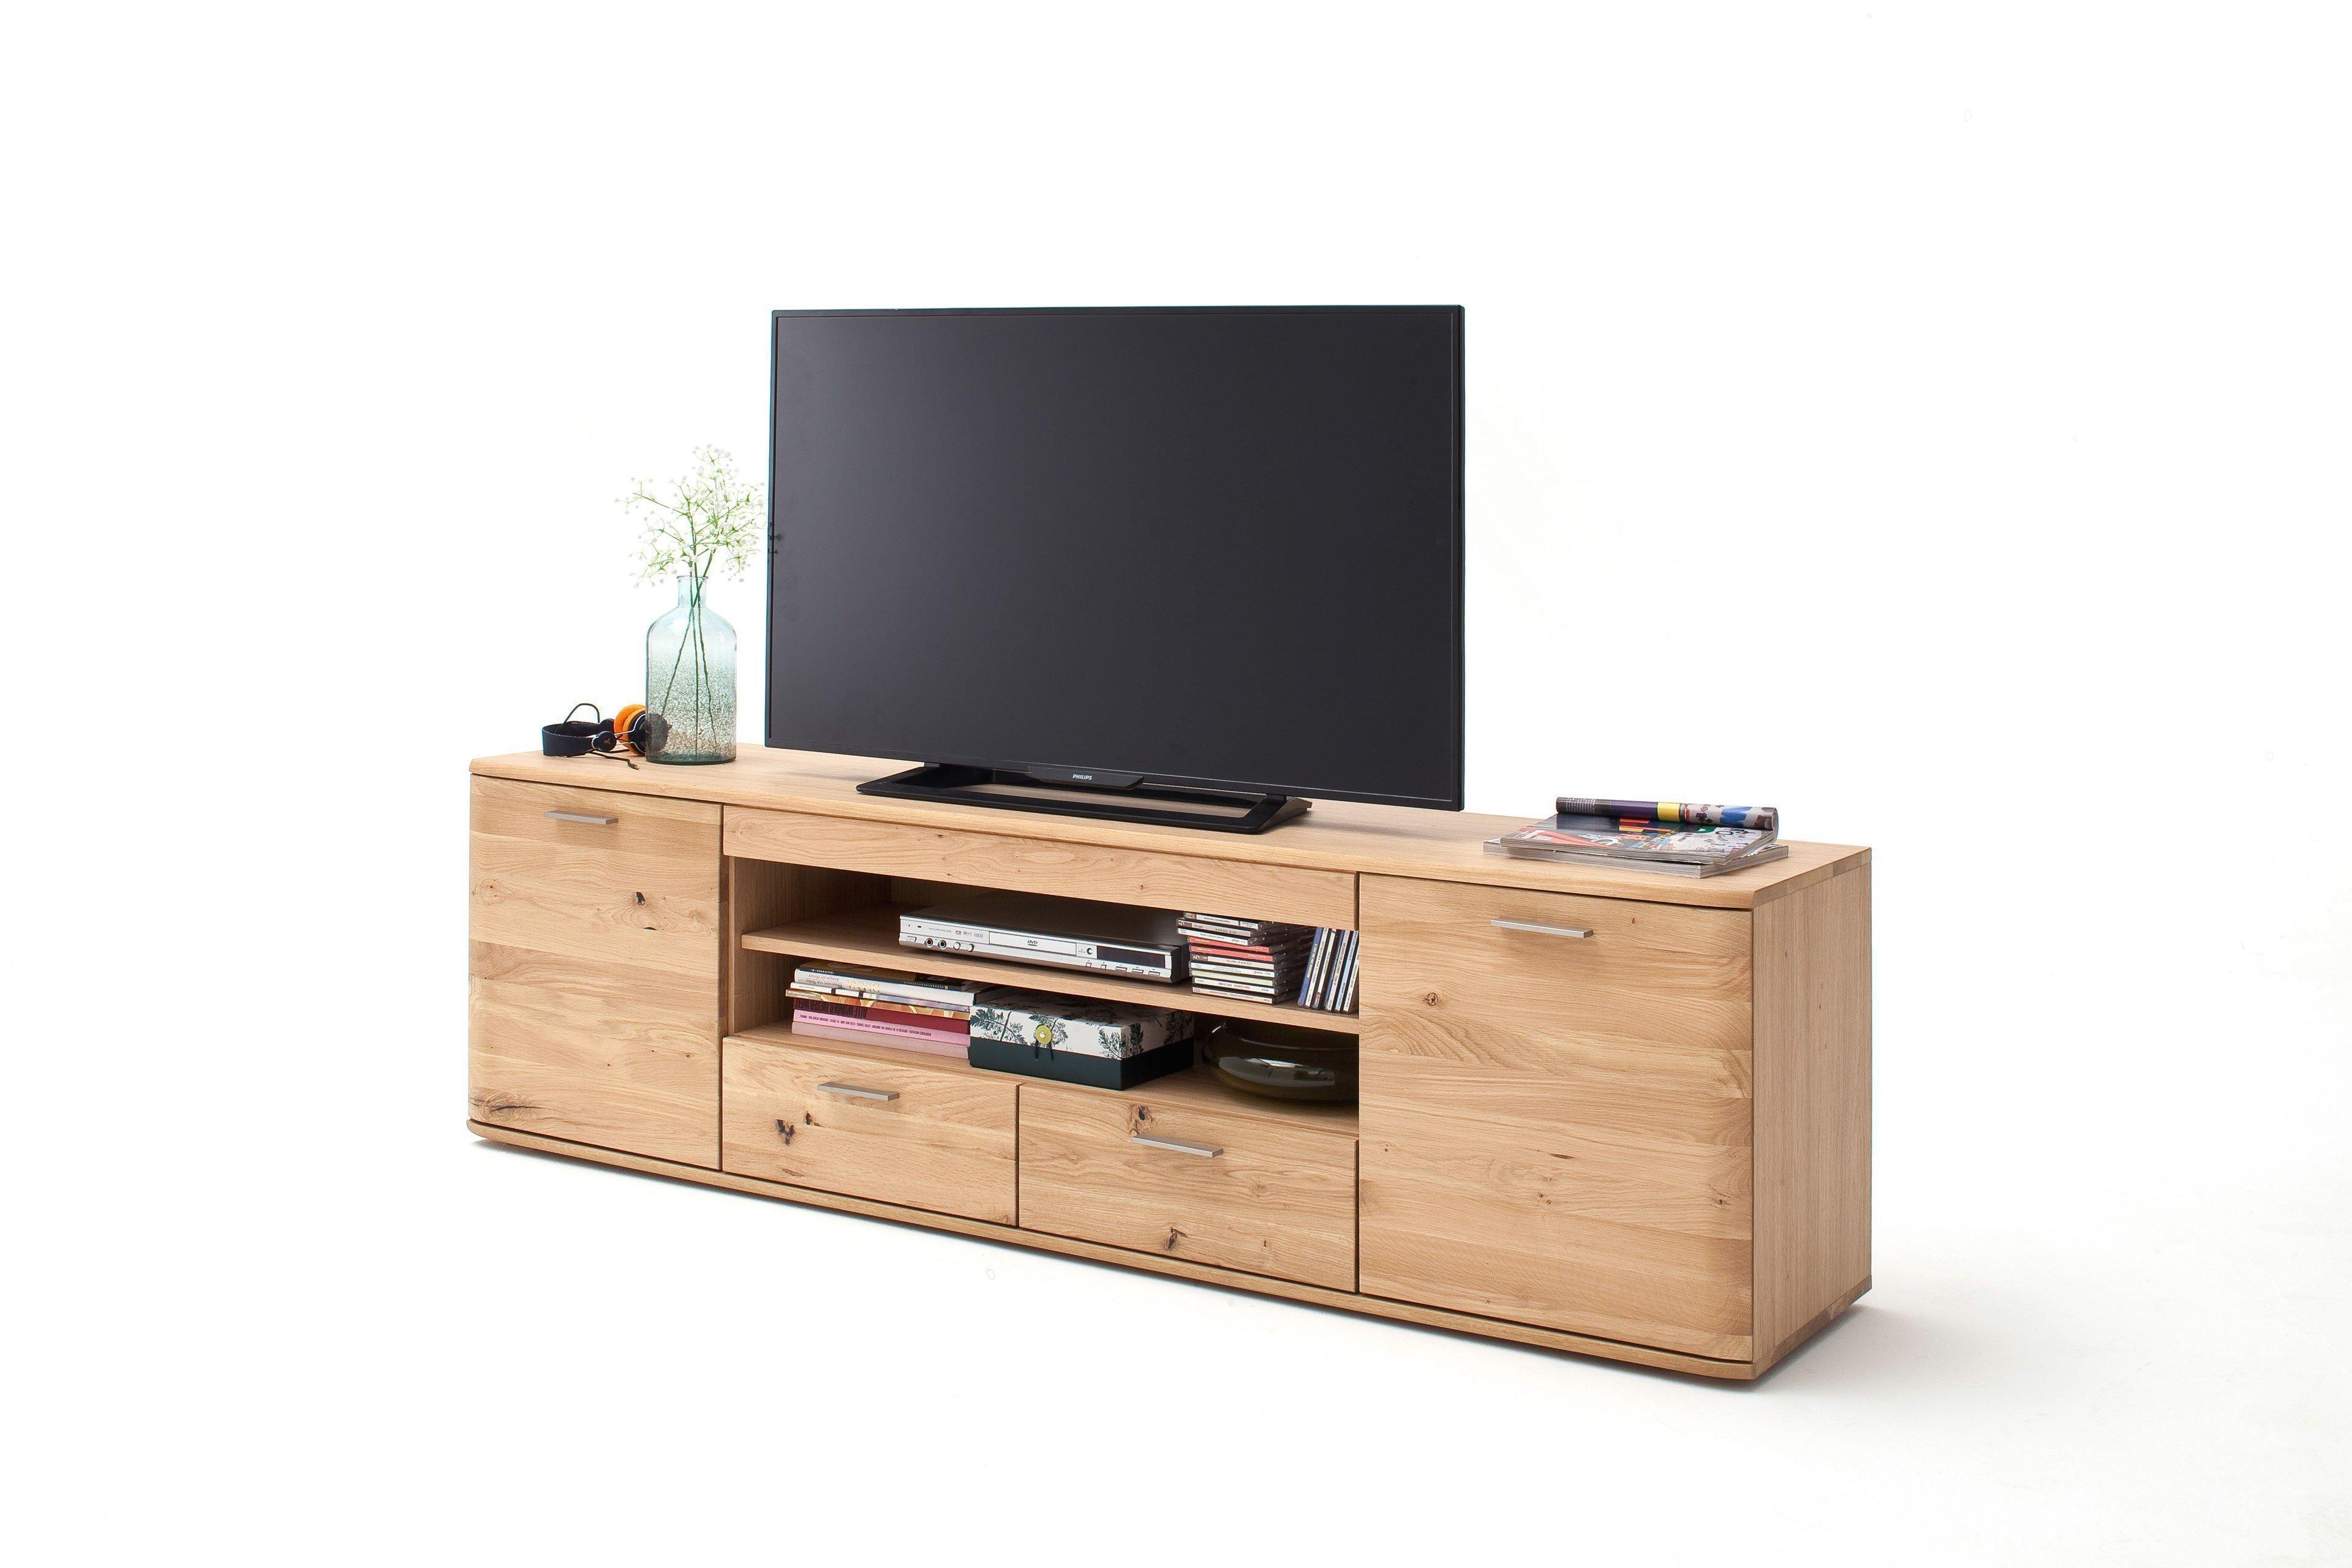 mca furniture lowboard nilo mit zwei schubk sten m bel letz ihr online shop. Black Bedroom Furniture Sets. Home Design Ideas